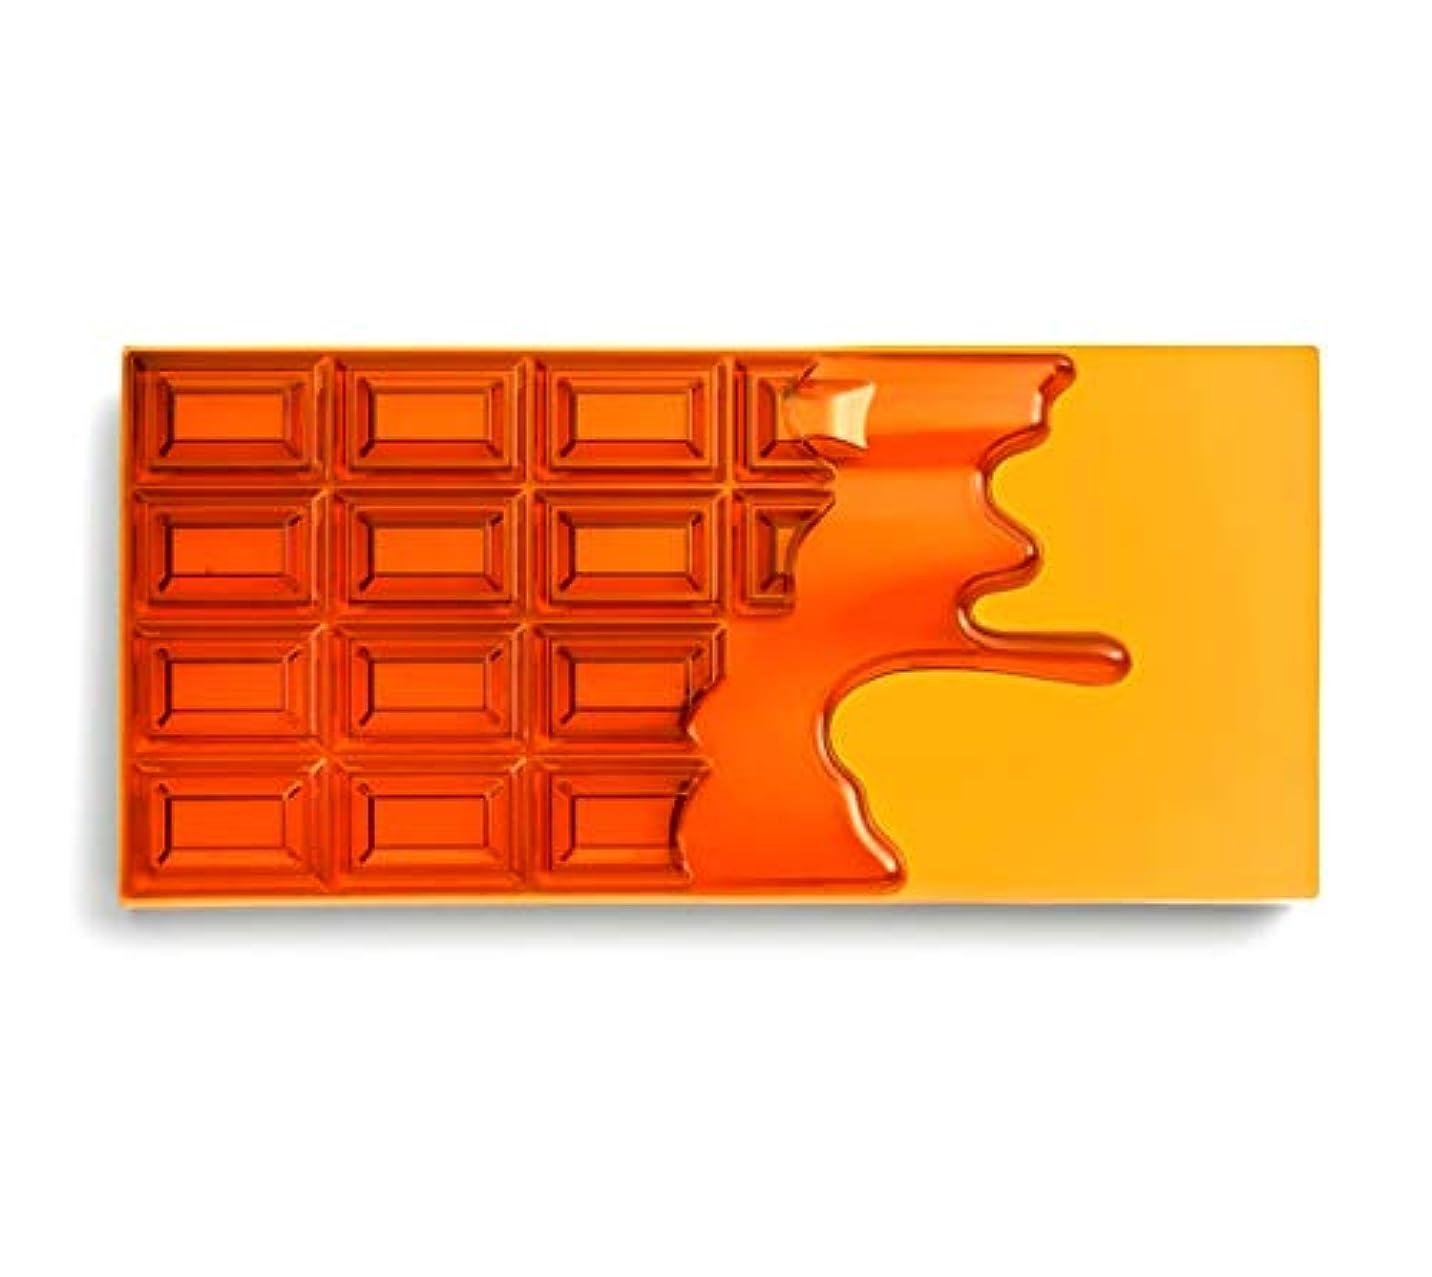 定期的な抑止する偉業メイクアップレボリューション アイラブメイクアップ チョコレート型18色アイシャドウパレット #Honey Chocolate ハニーチョコレートパレット アイシャドウ